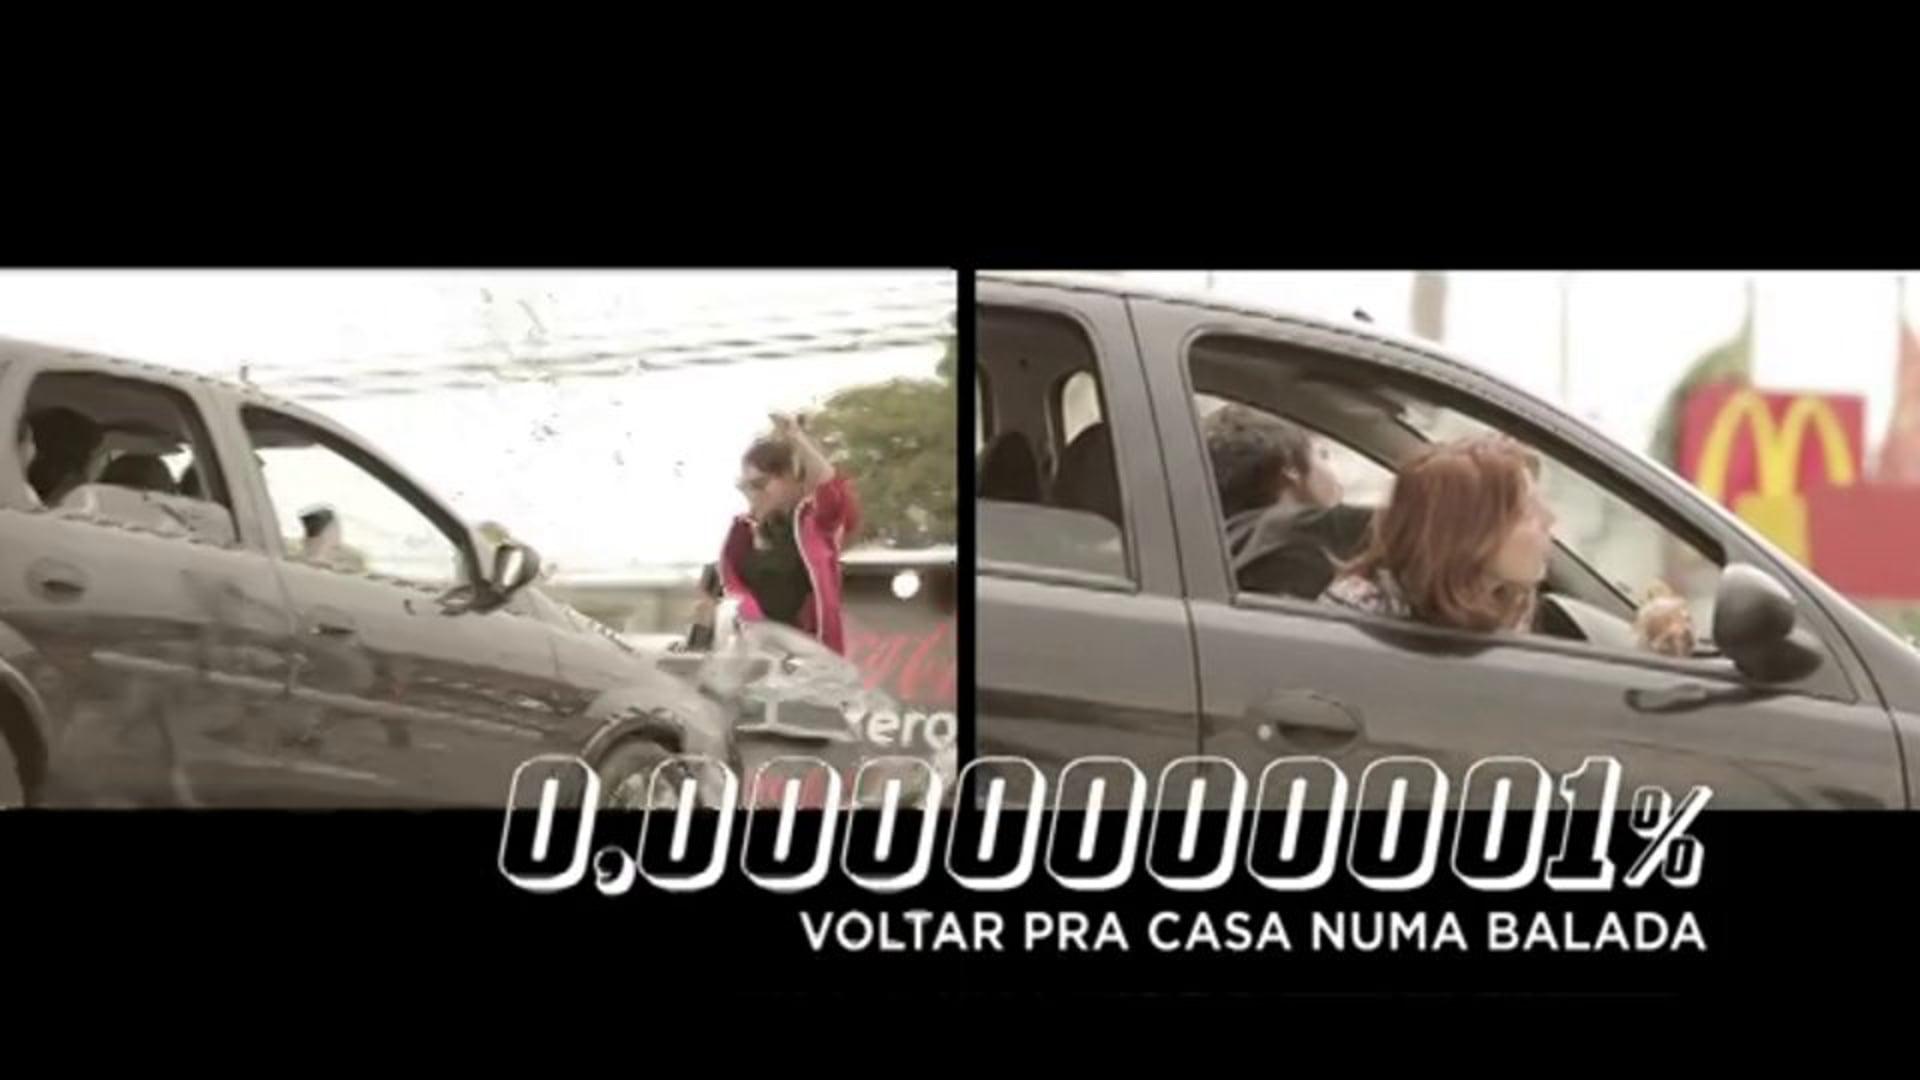 Coca Cola Zero - Mc Donalds - Quanto Mais Zero Melhor